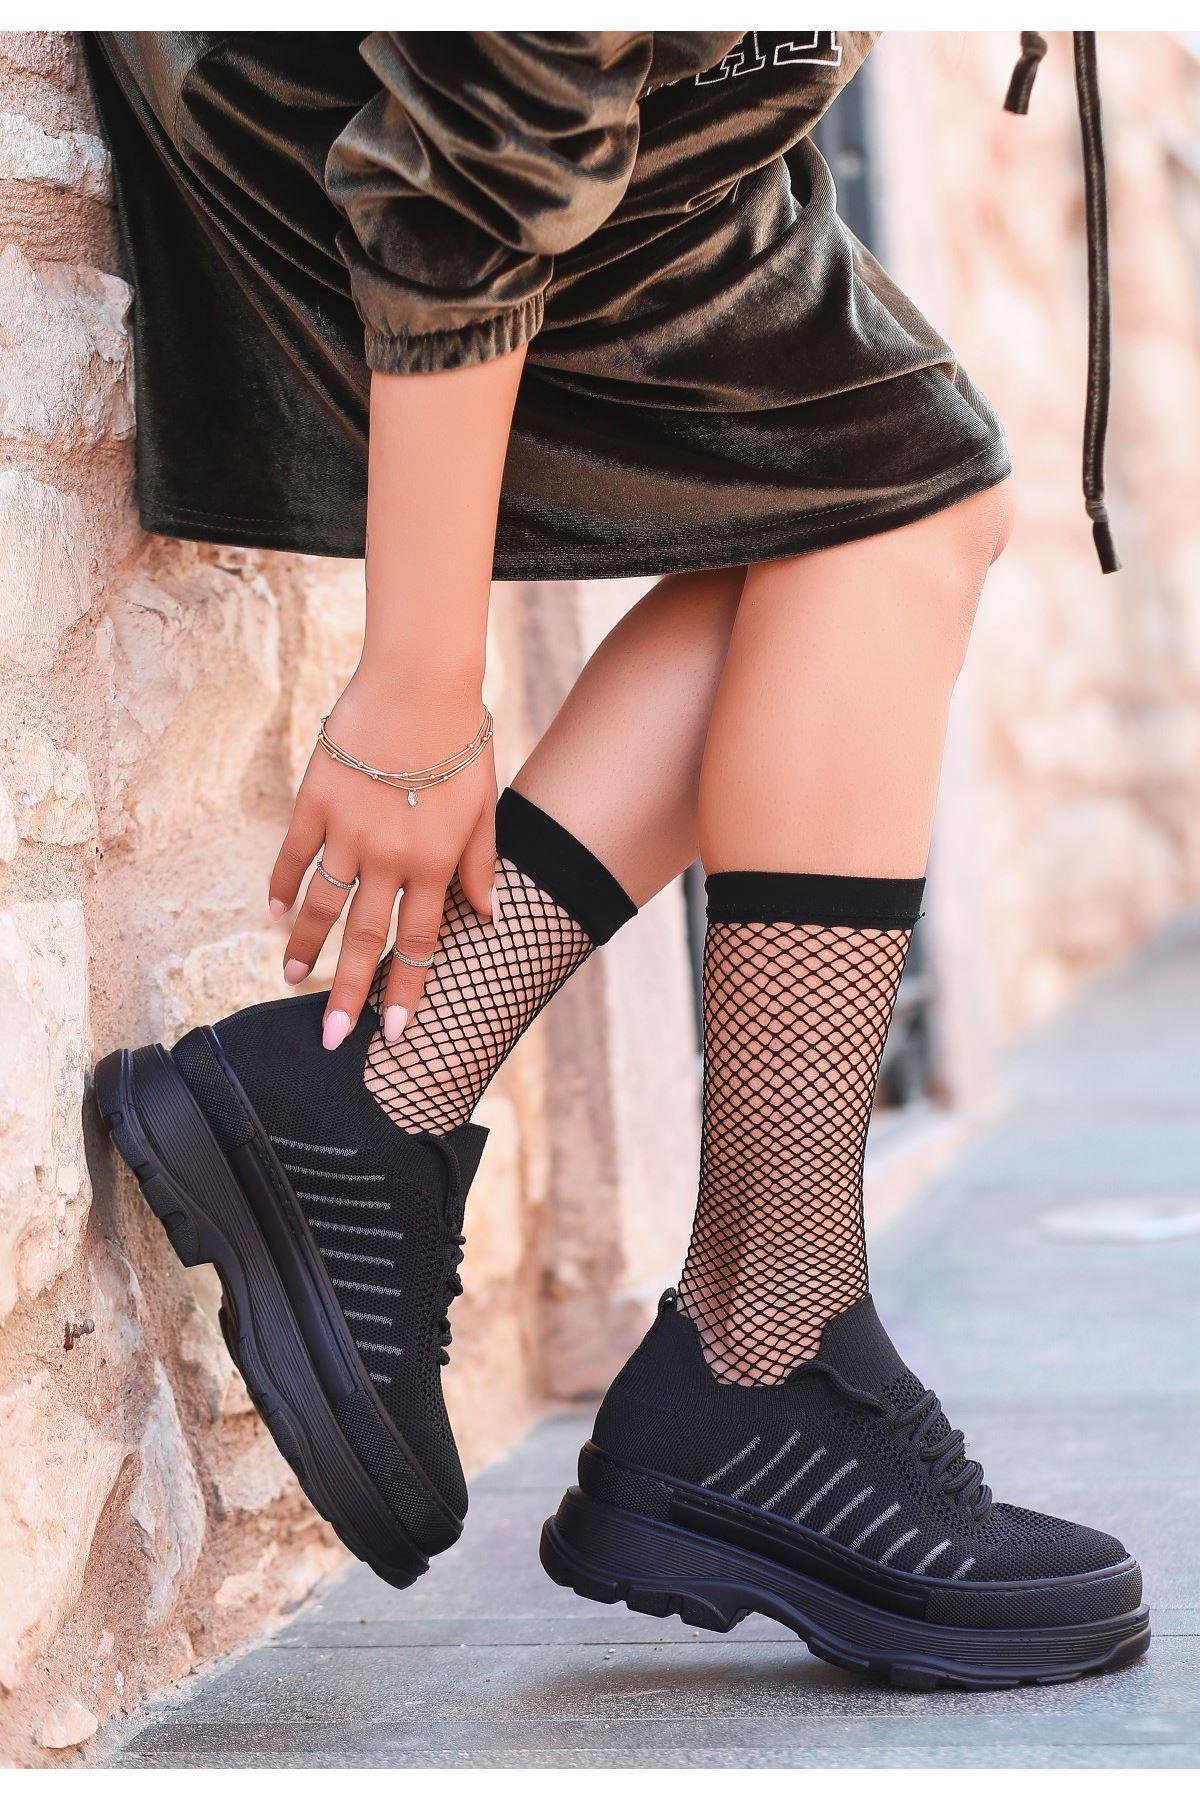 Cosie Siyah Triko Bağcıklı Spor Ayakkabı